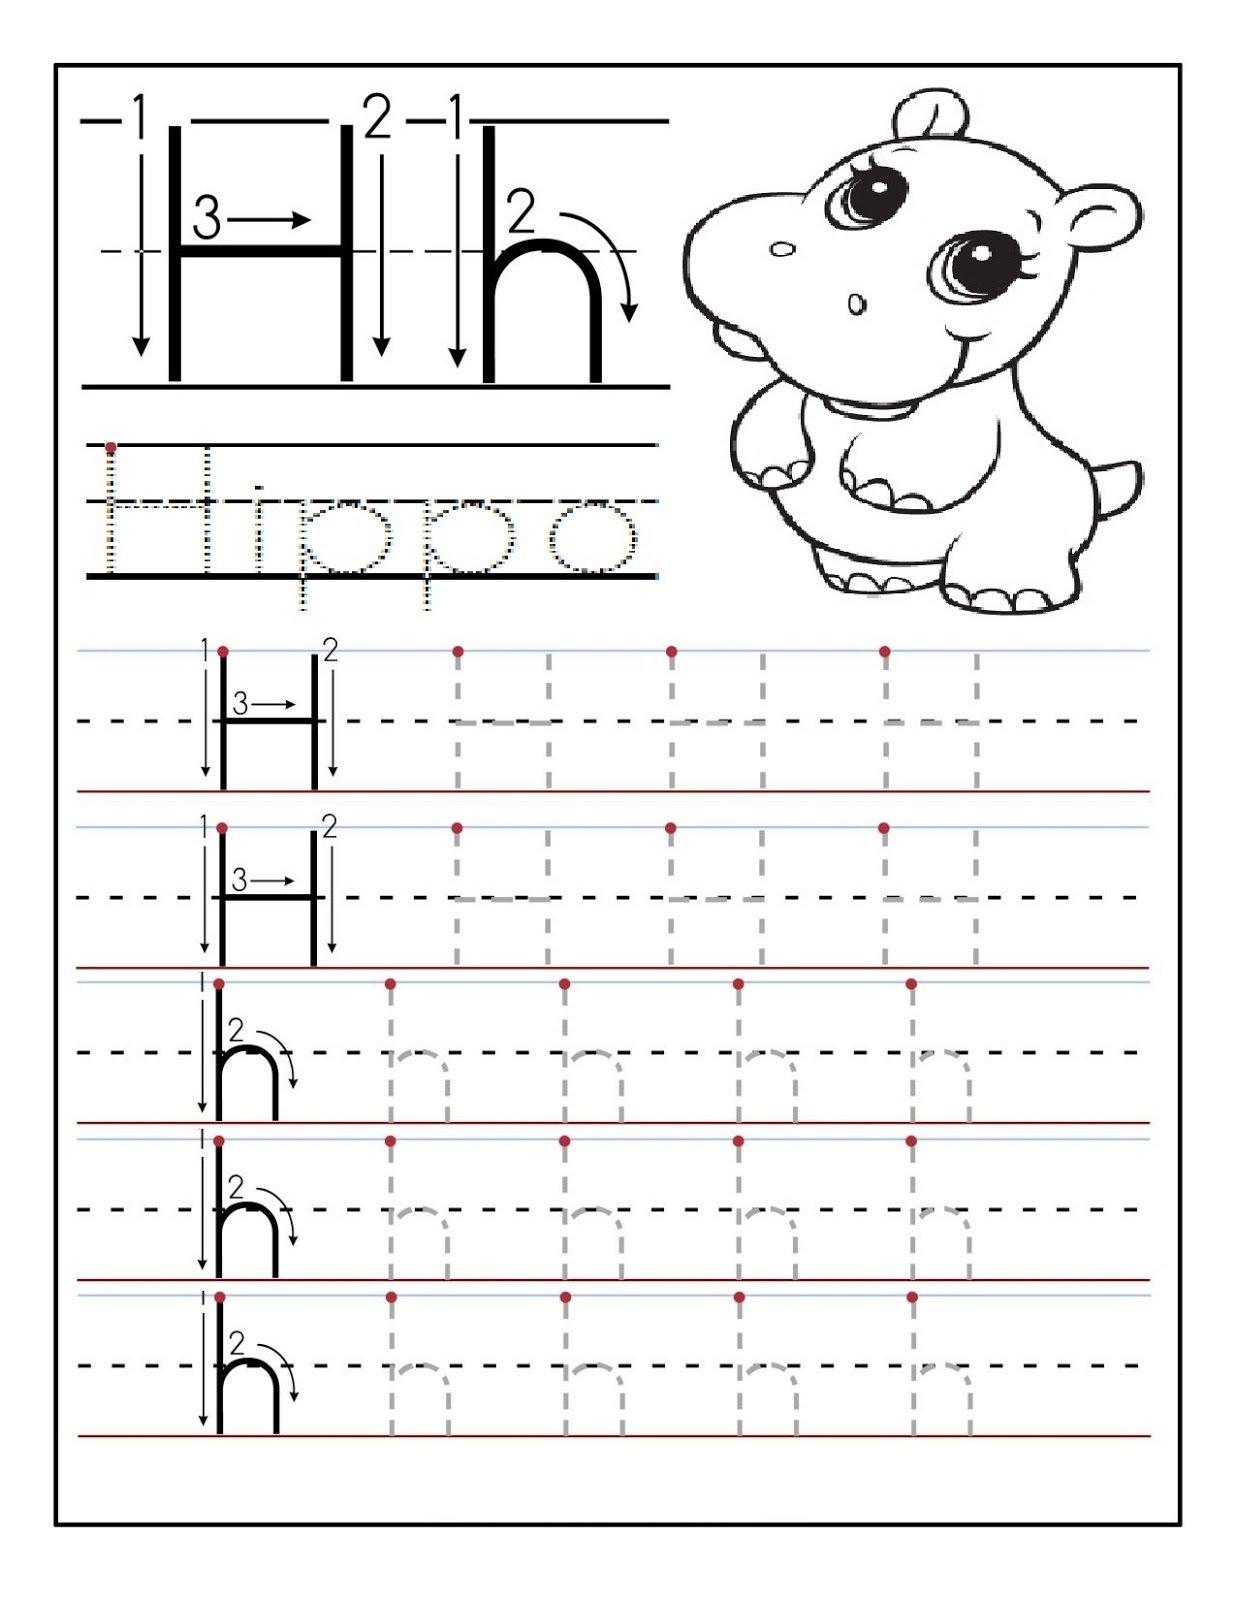 Letter H Tracing Worksheets Preschool The Best Worksheets Image